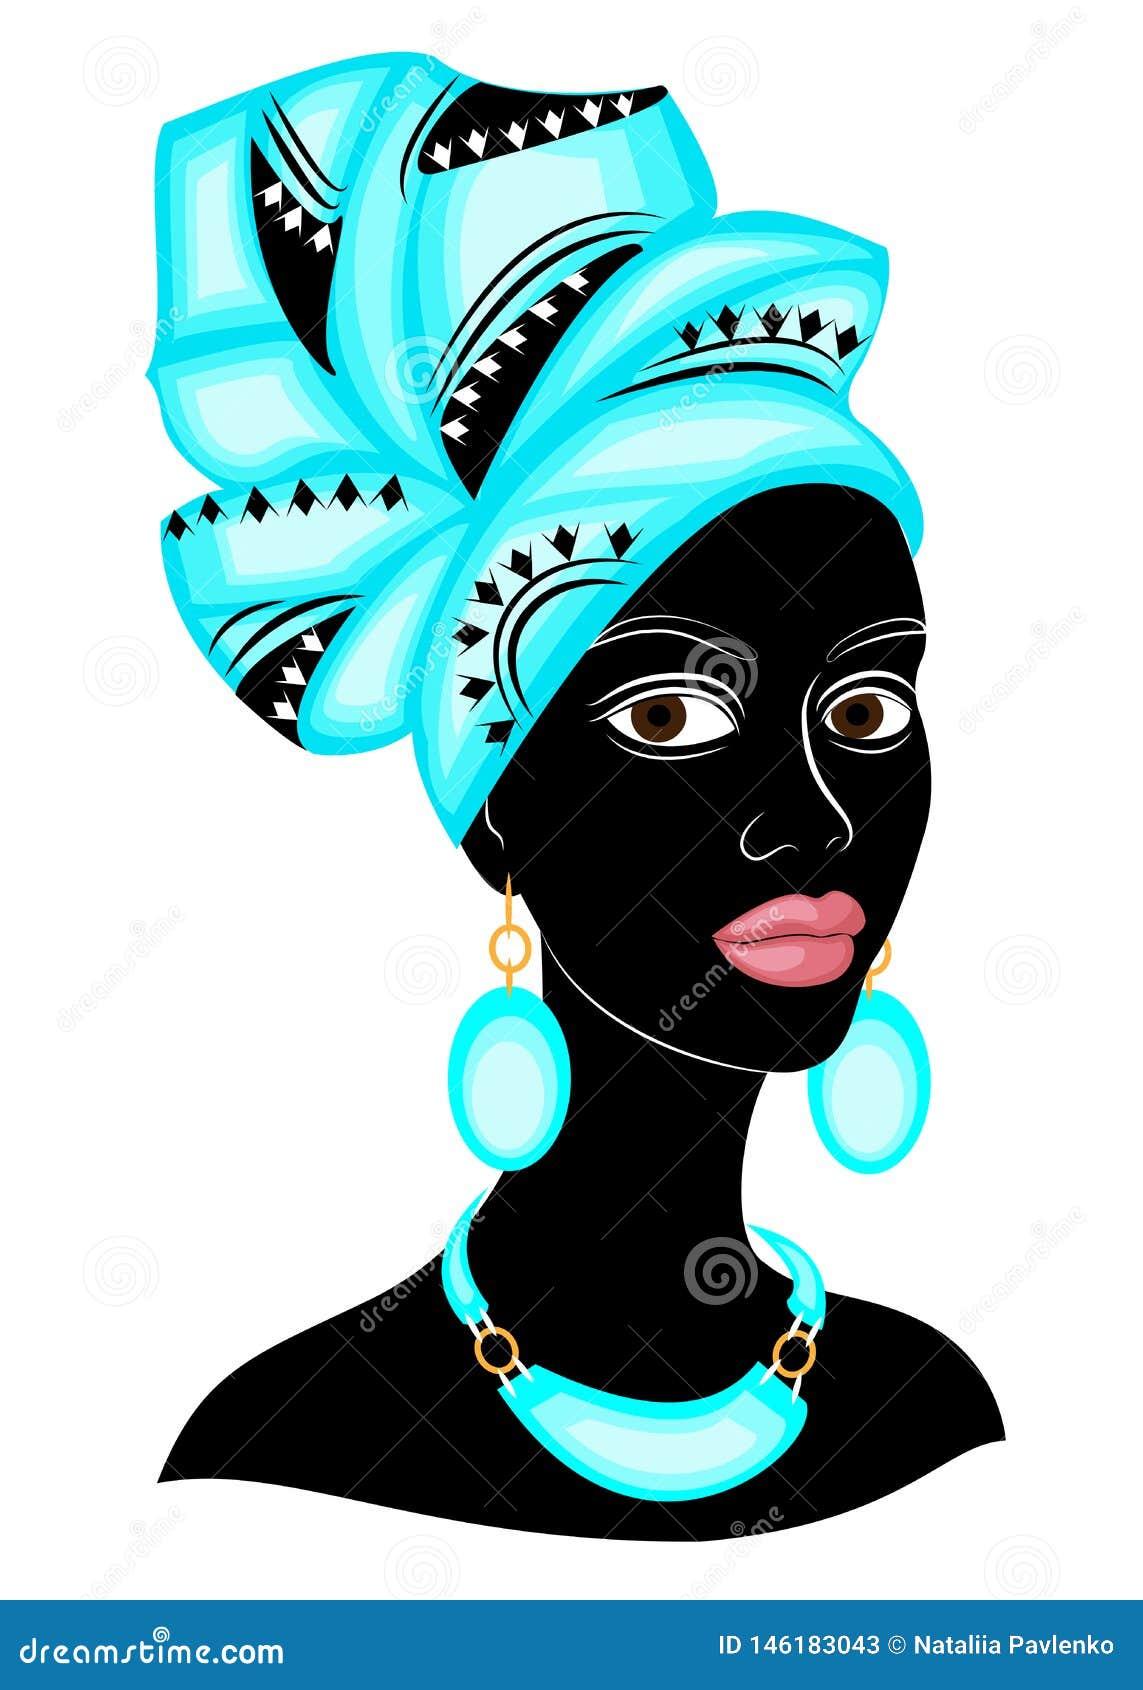 Голова сладкой дамы На голове Афро-американской девушки яркий голубой шарф, тюрбан Женщина красива и